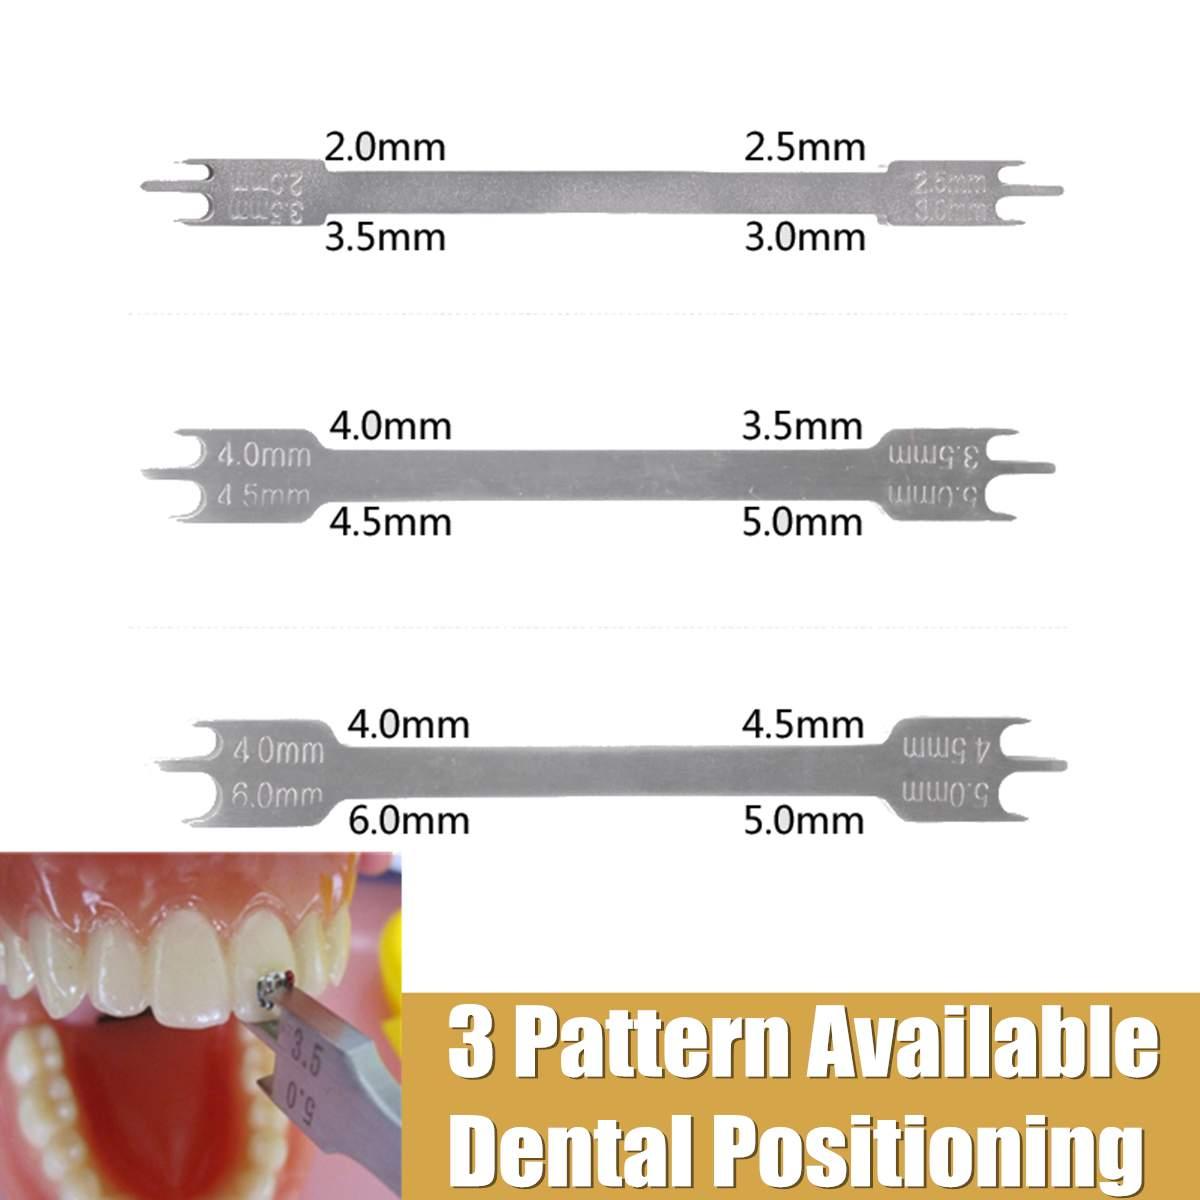 שיניים אורתודונטי מכשיר סוגר מיצוב גובה מד פתיל סוג כלים שיניים Positioner שיניים אביזרי 3 גדלים